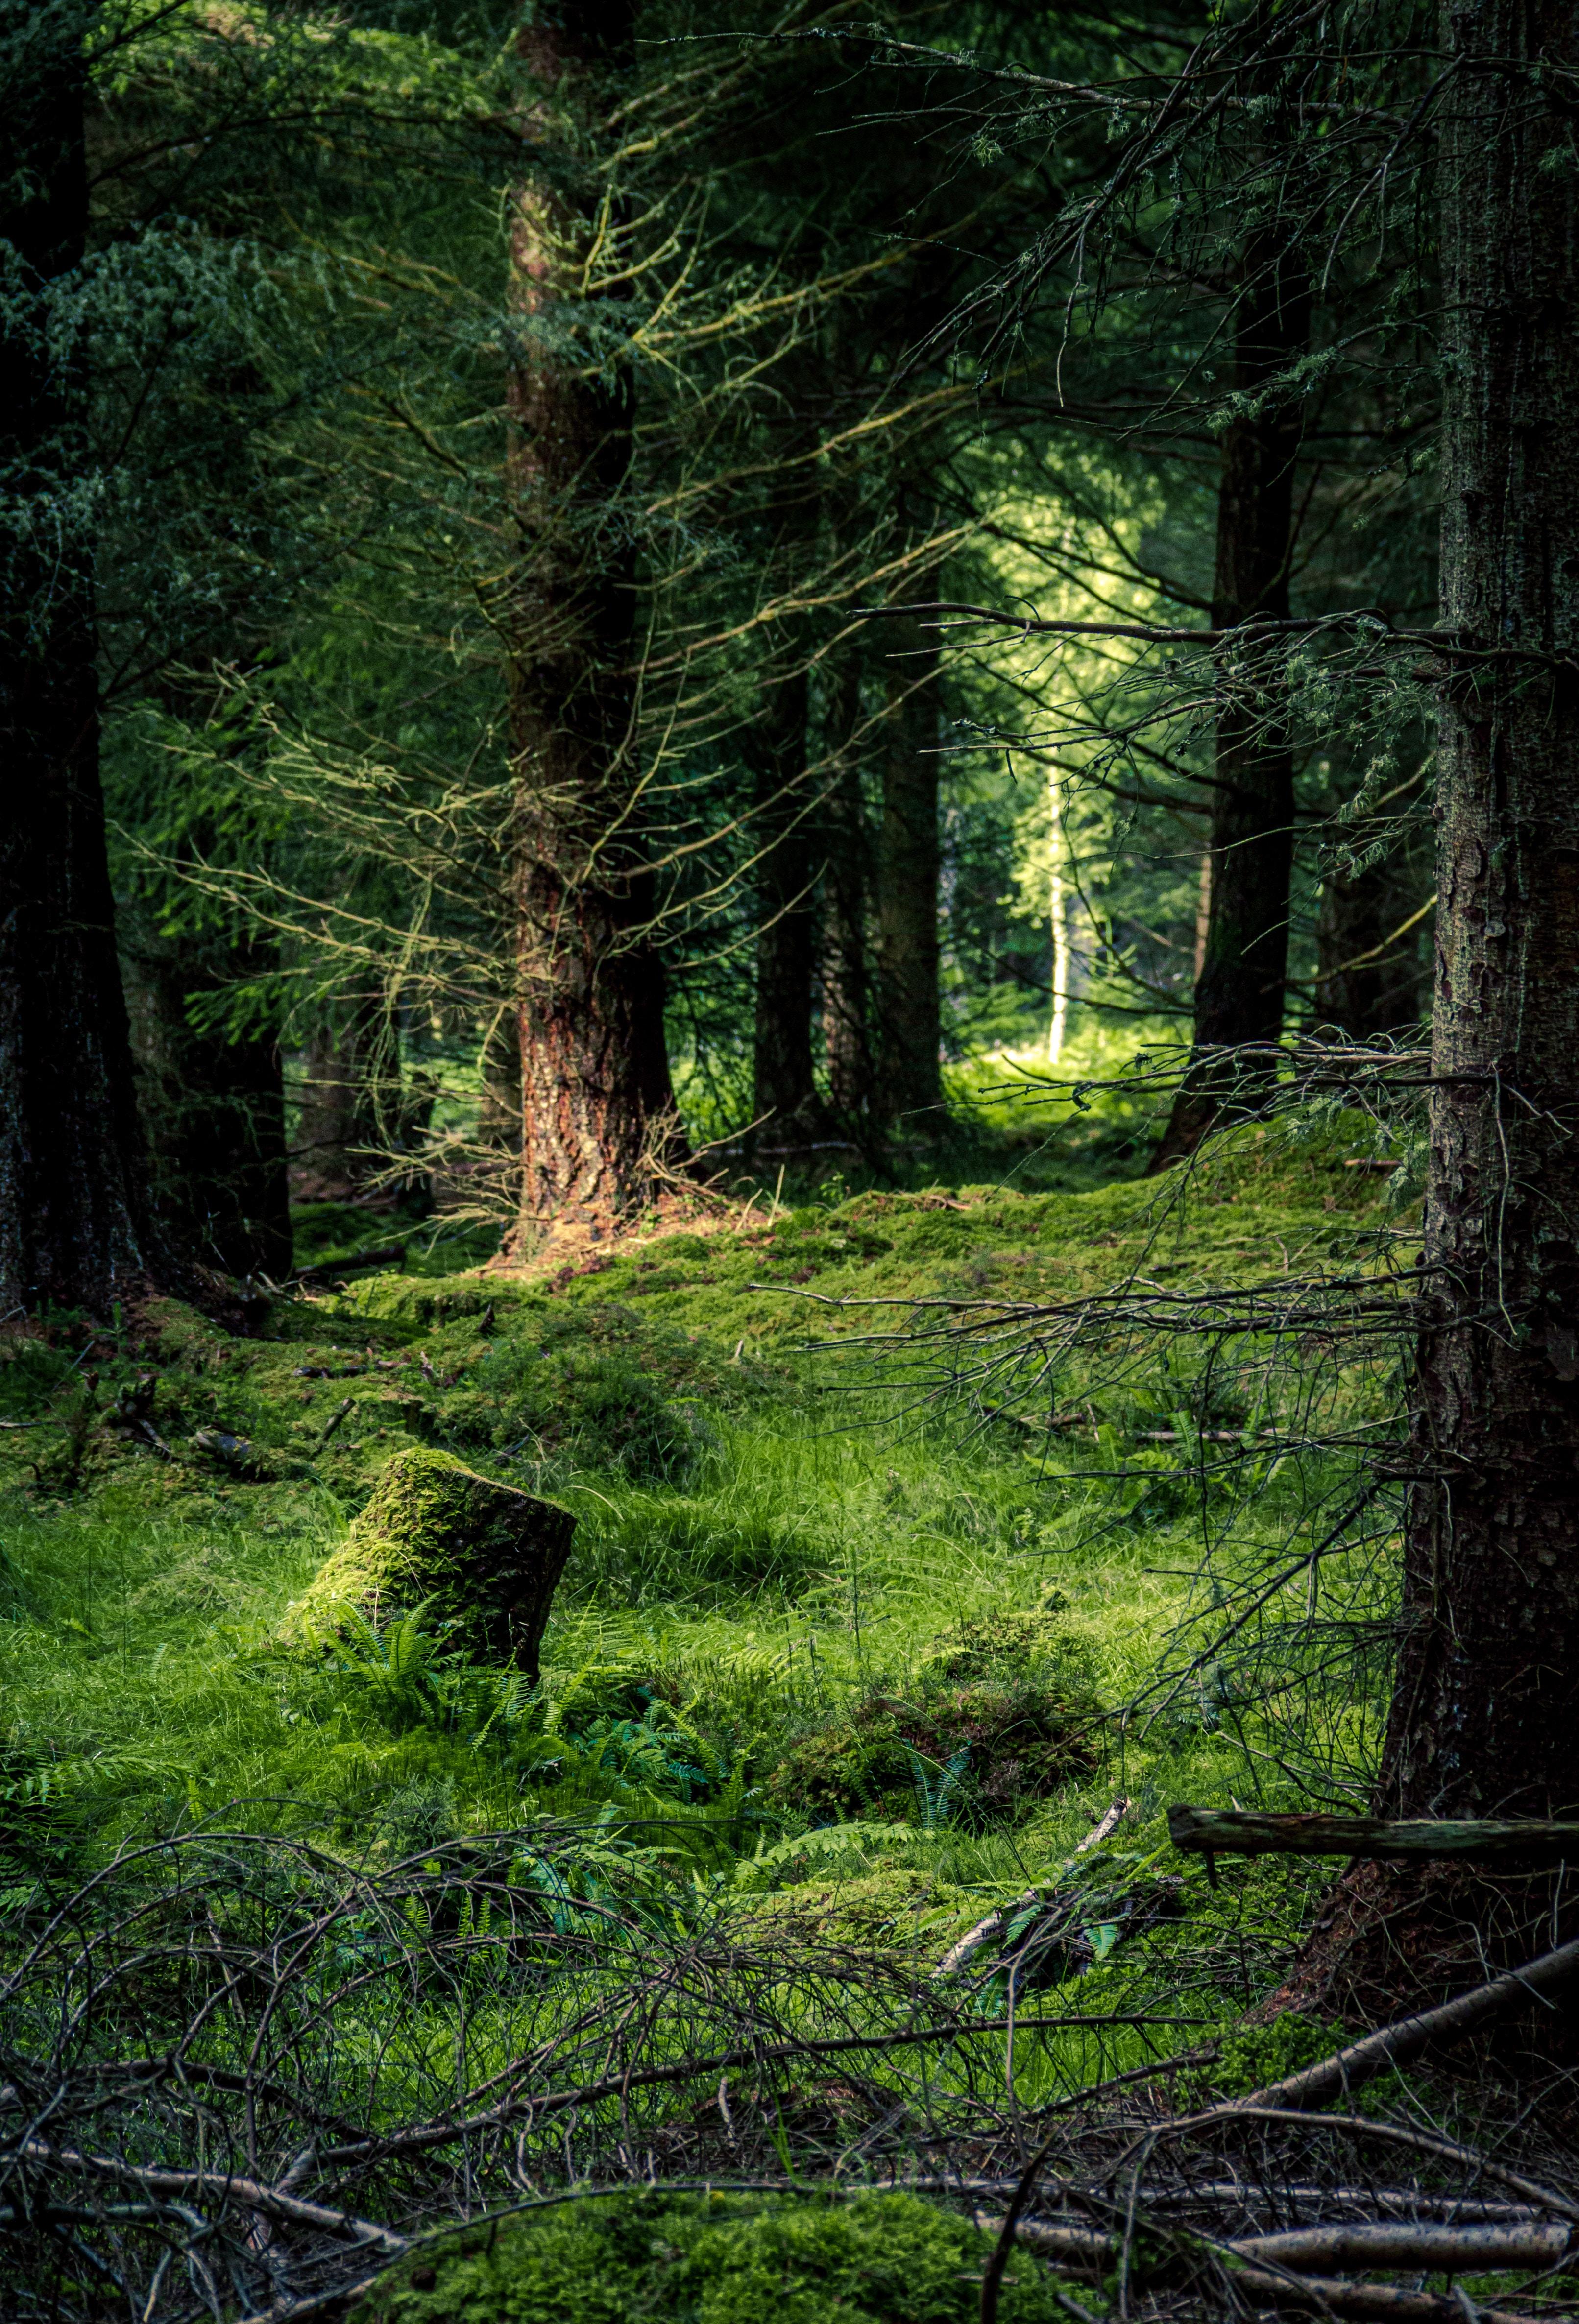 85899 скачать обои Лес, Деревья, Трава, Природа, Сосны - заставки и картинки бесплатно